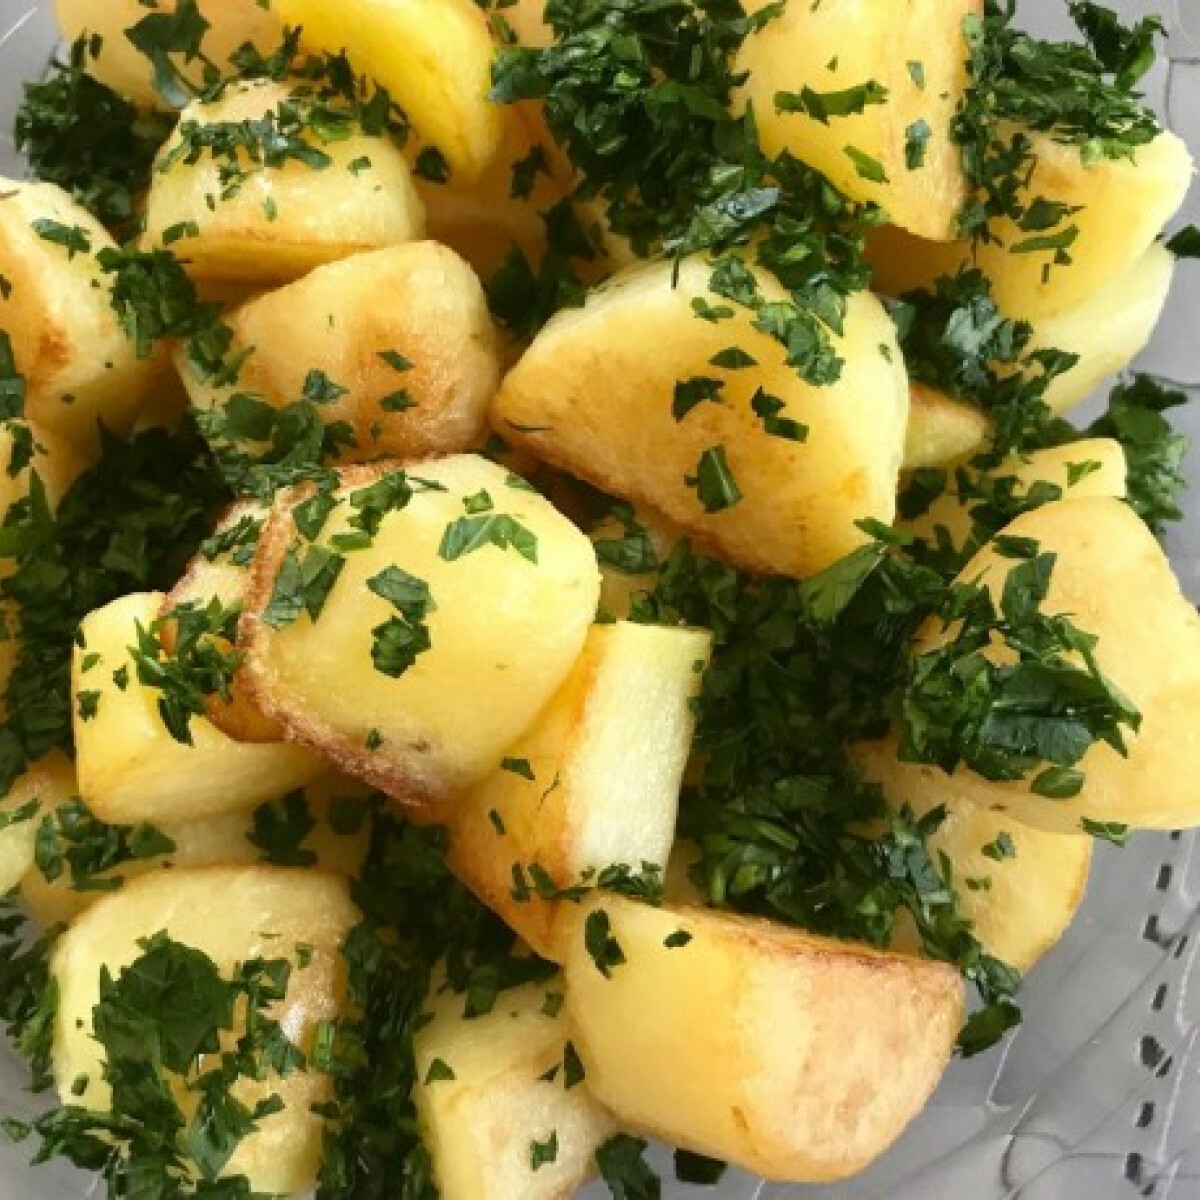 Ezen a képen: Főtt-sült újkrumpli petrezselyemmel